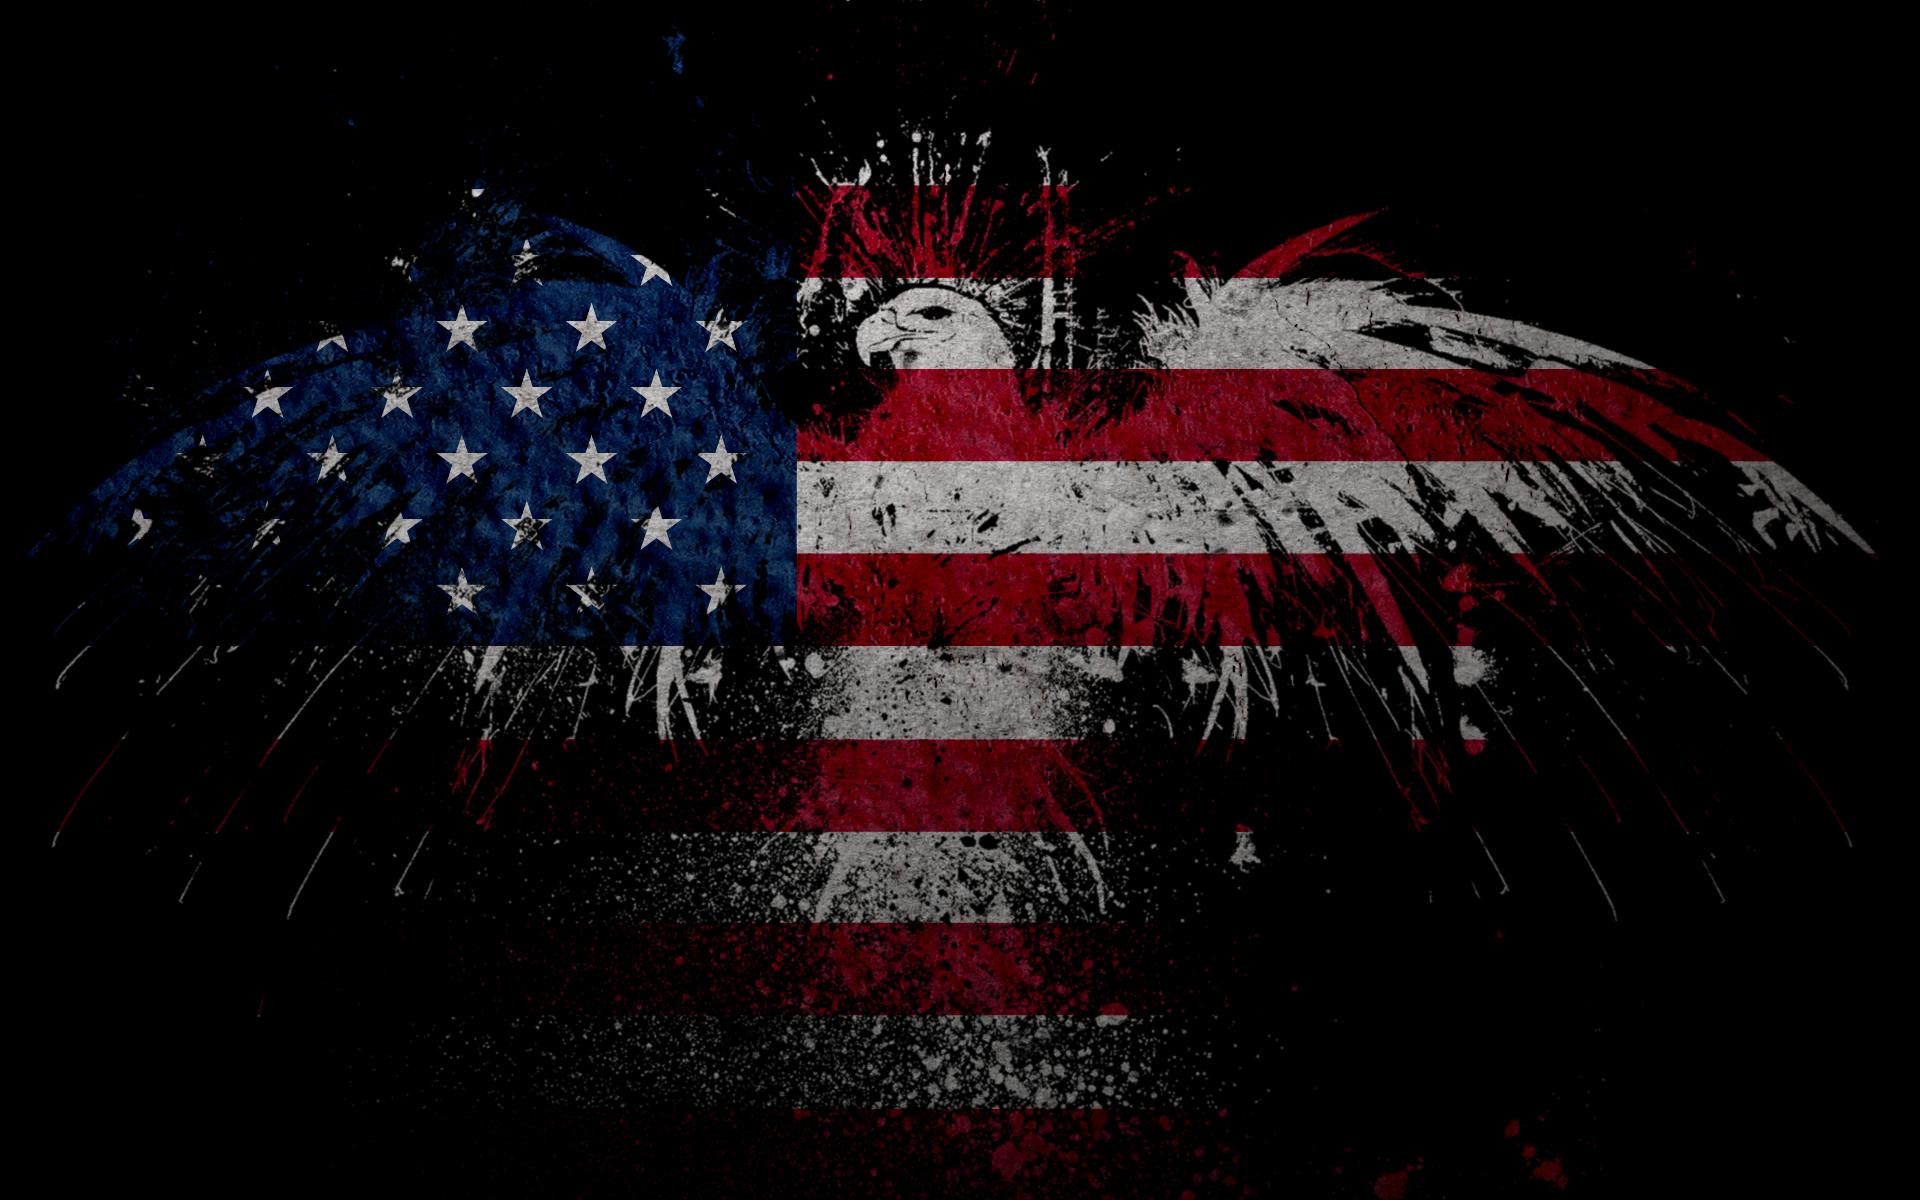 USA Flag Wallpaper HD - WallpaperSafari  USA Flag Wallpa...